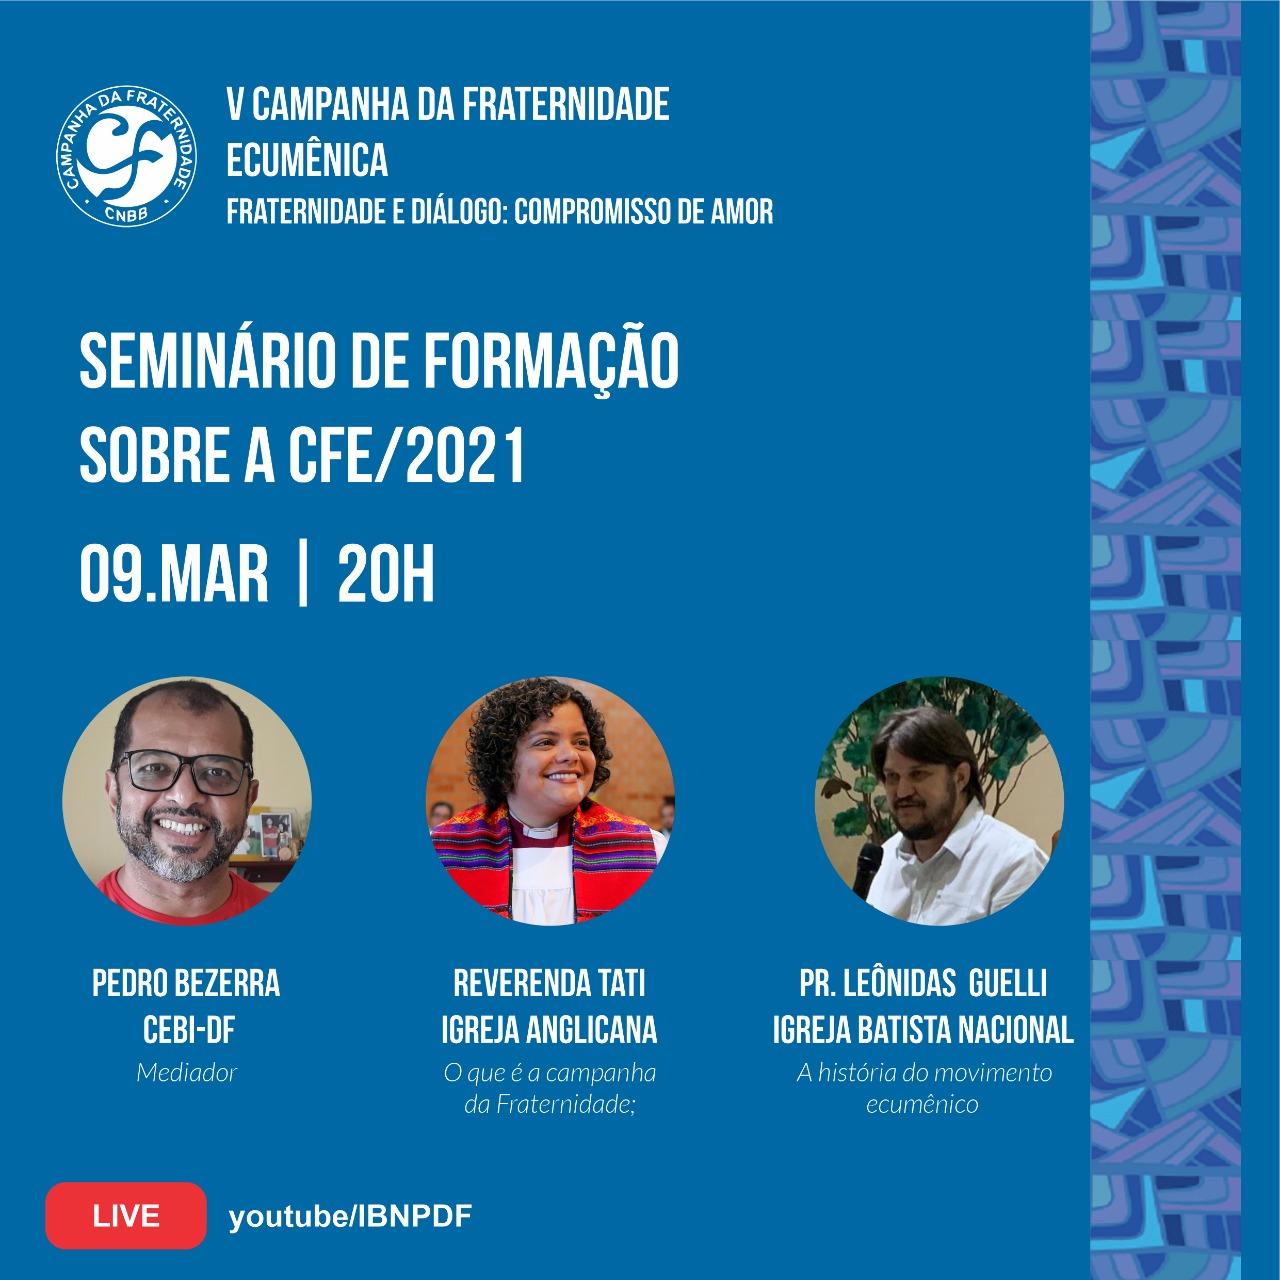 CEBI Planalto Central no apoio ao Seminário de Formação sobre a CFE 2021